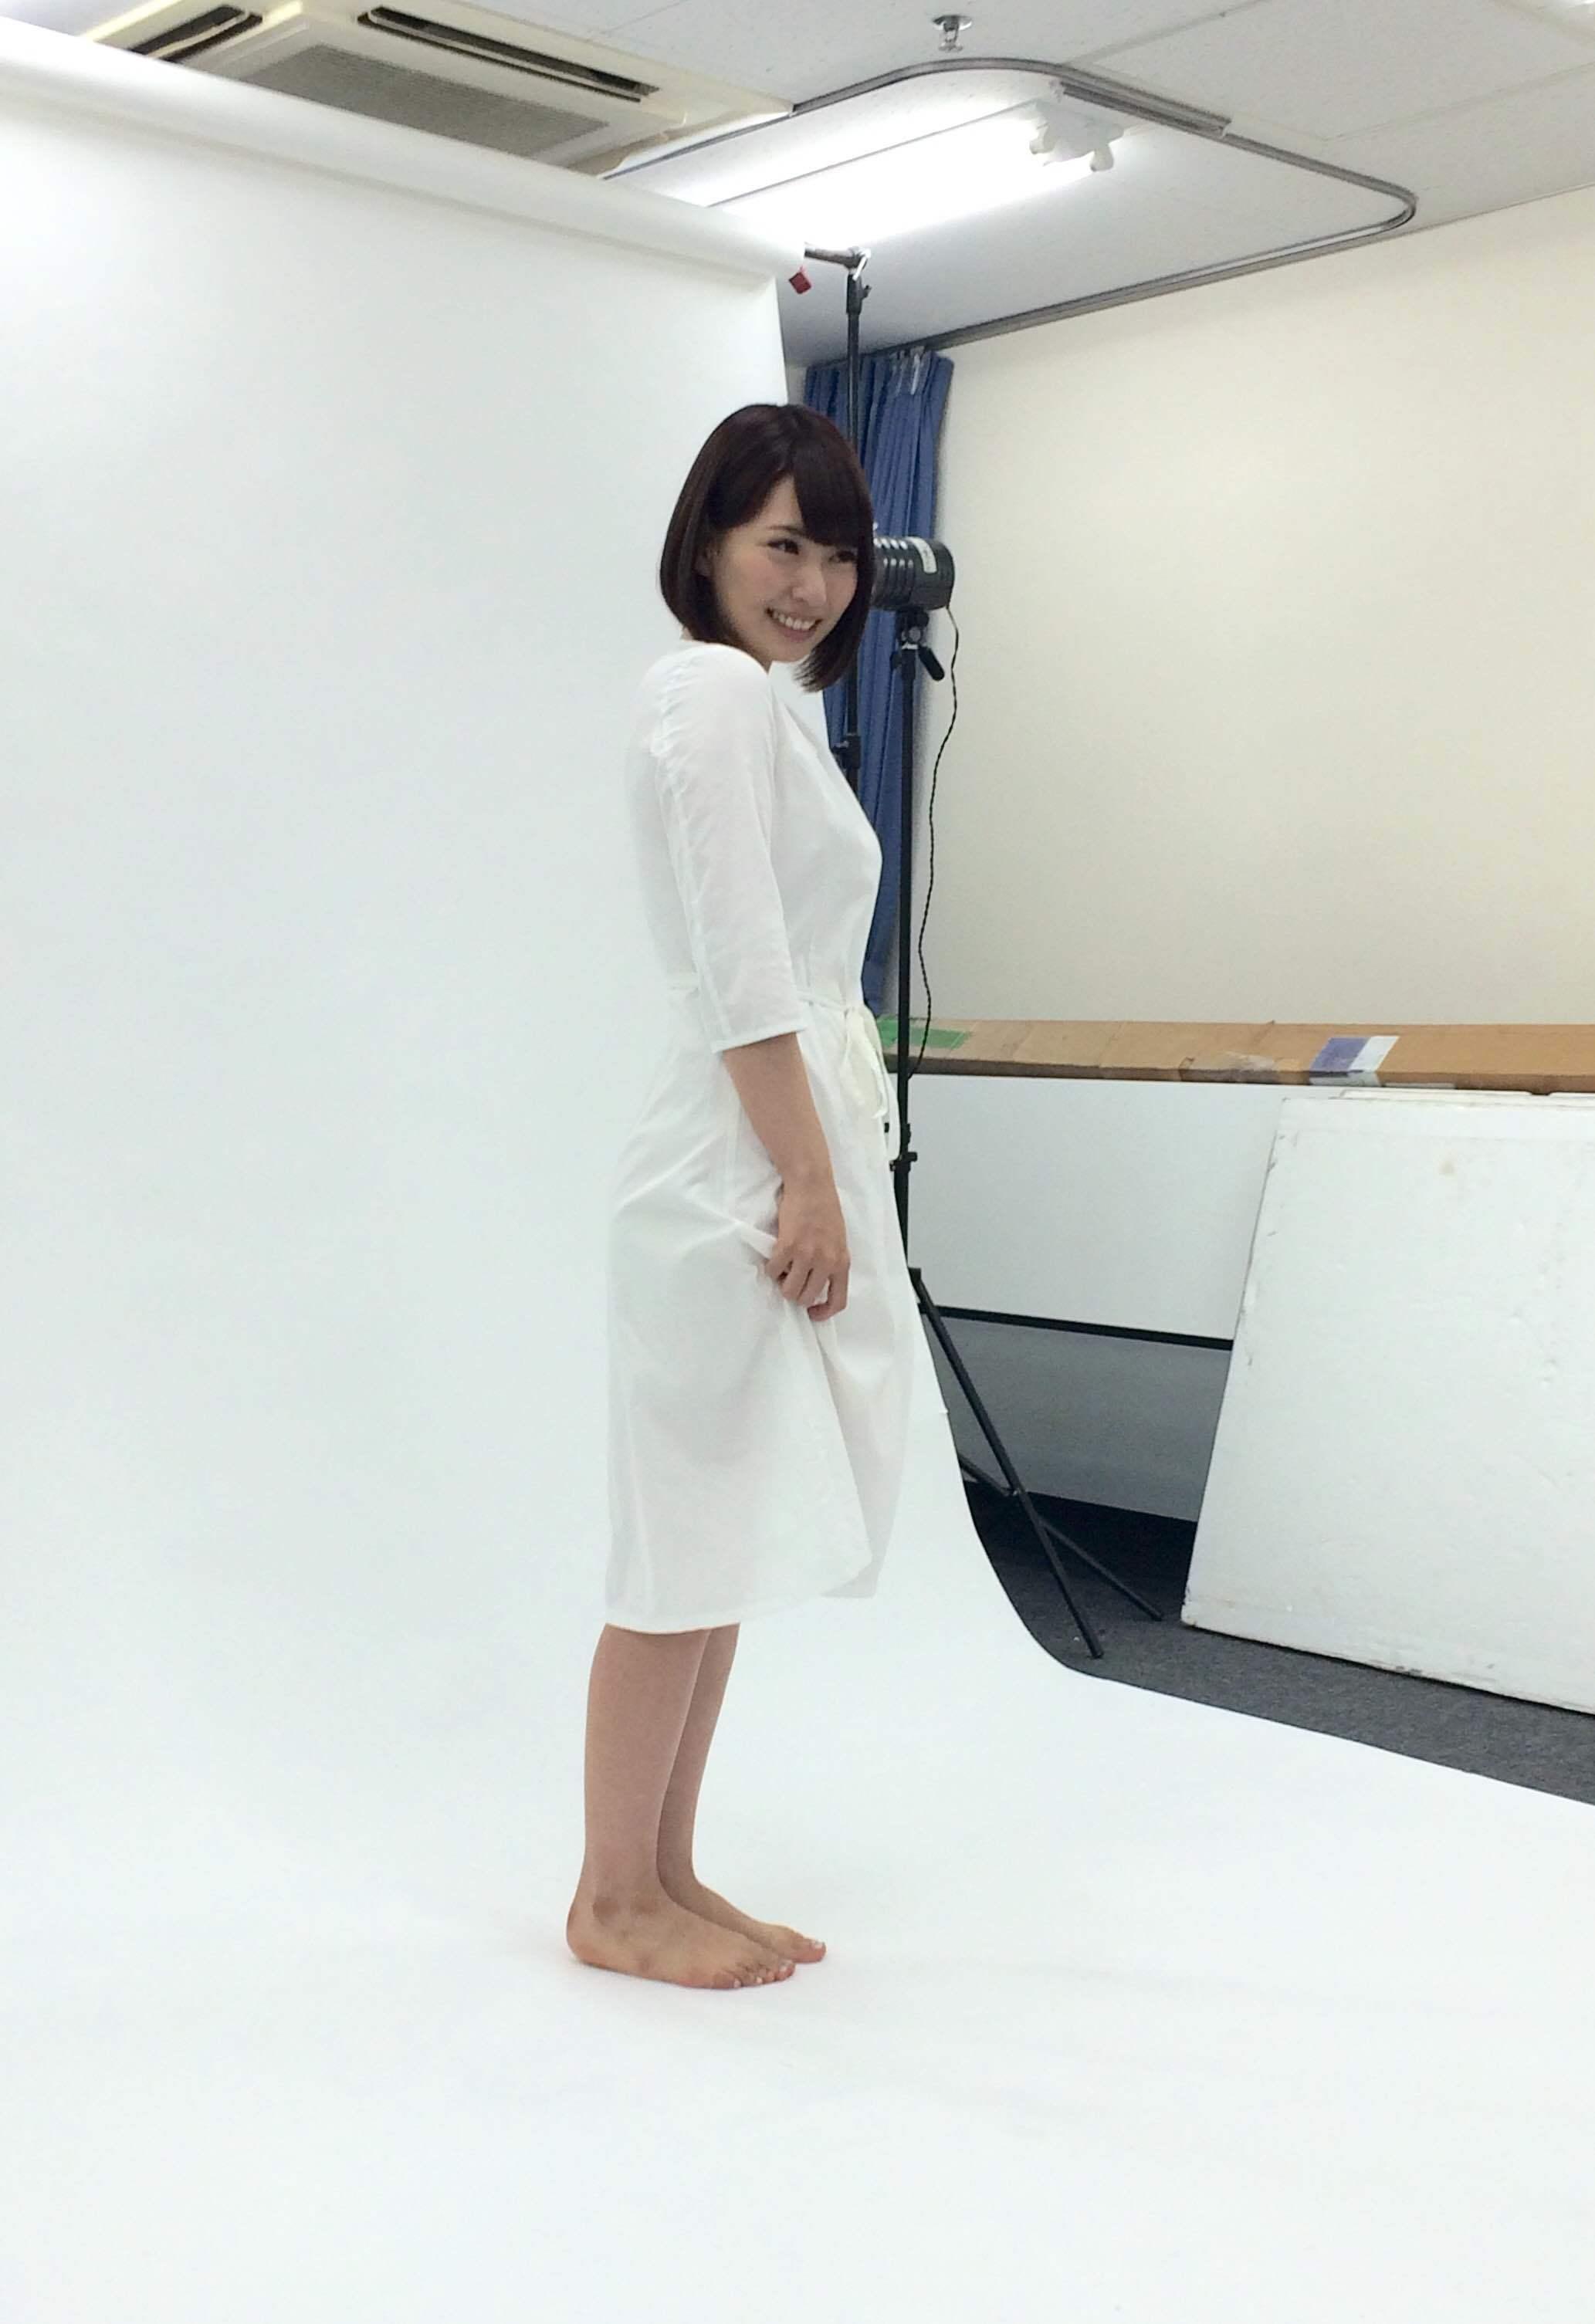 パンフレット撮影風景 増田有華さん_f0236356_10413470.jpg